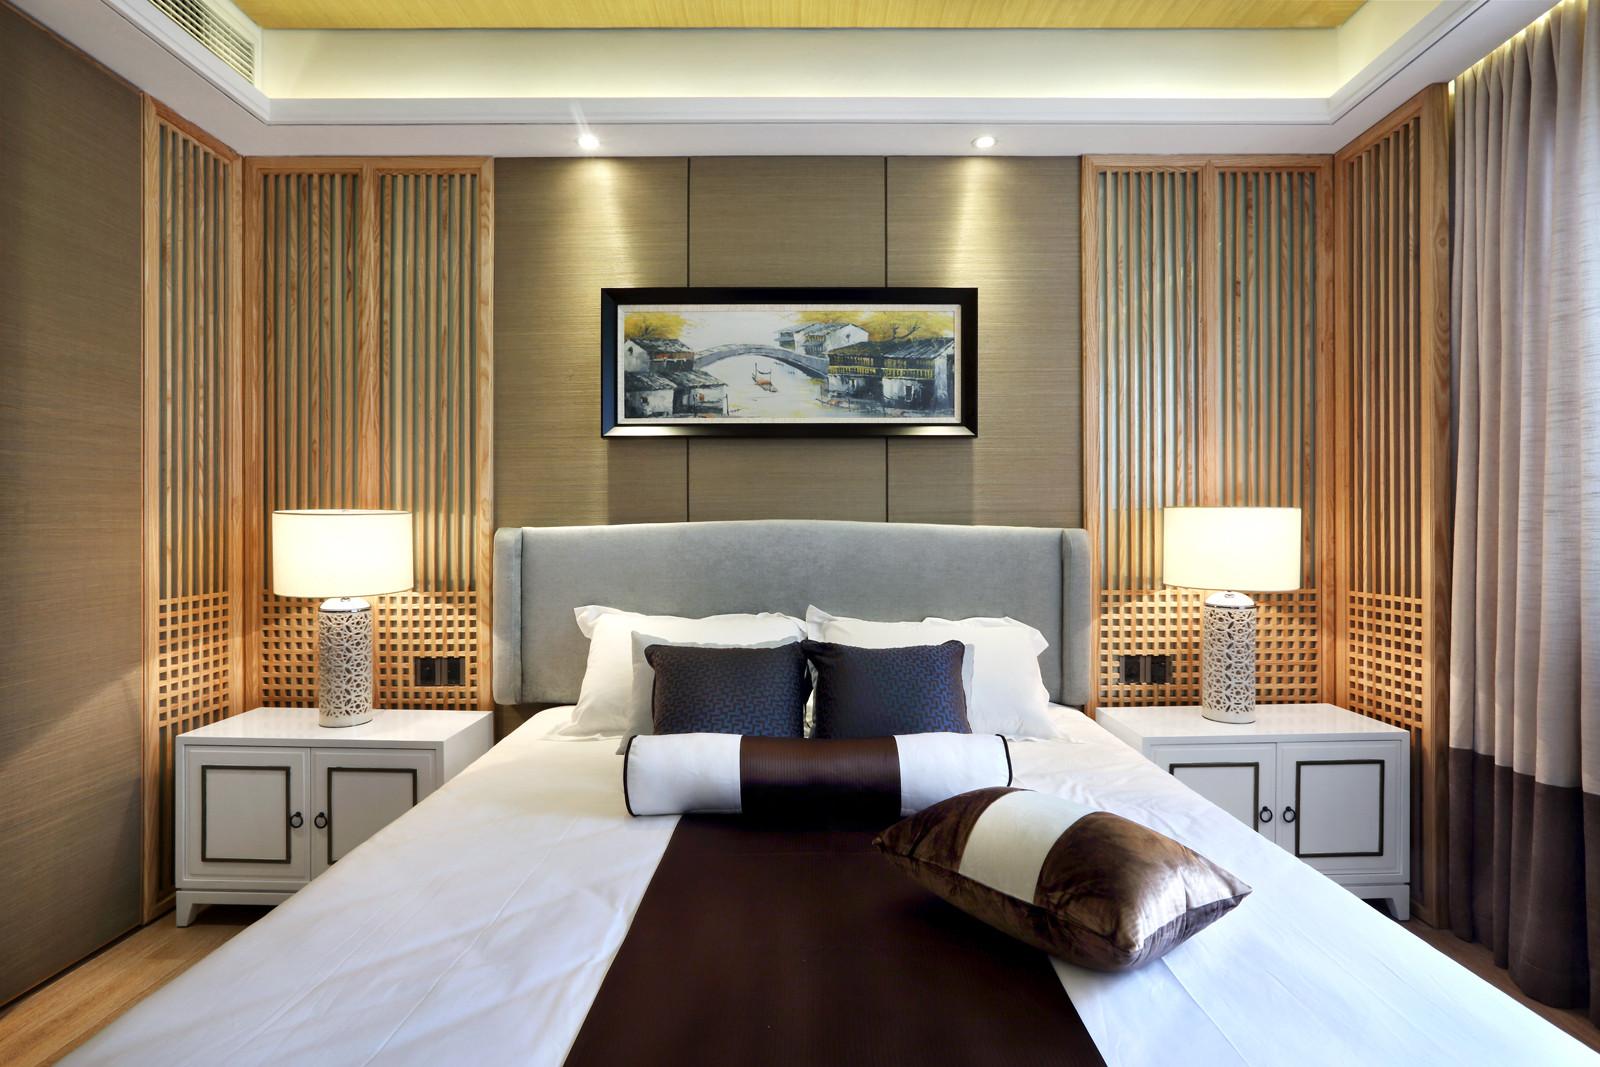 新中式样板房装修卧室背景墙设计